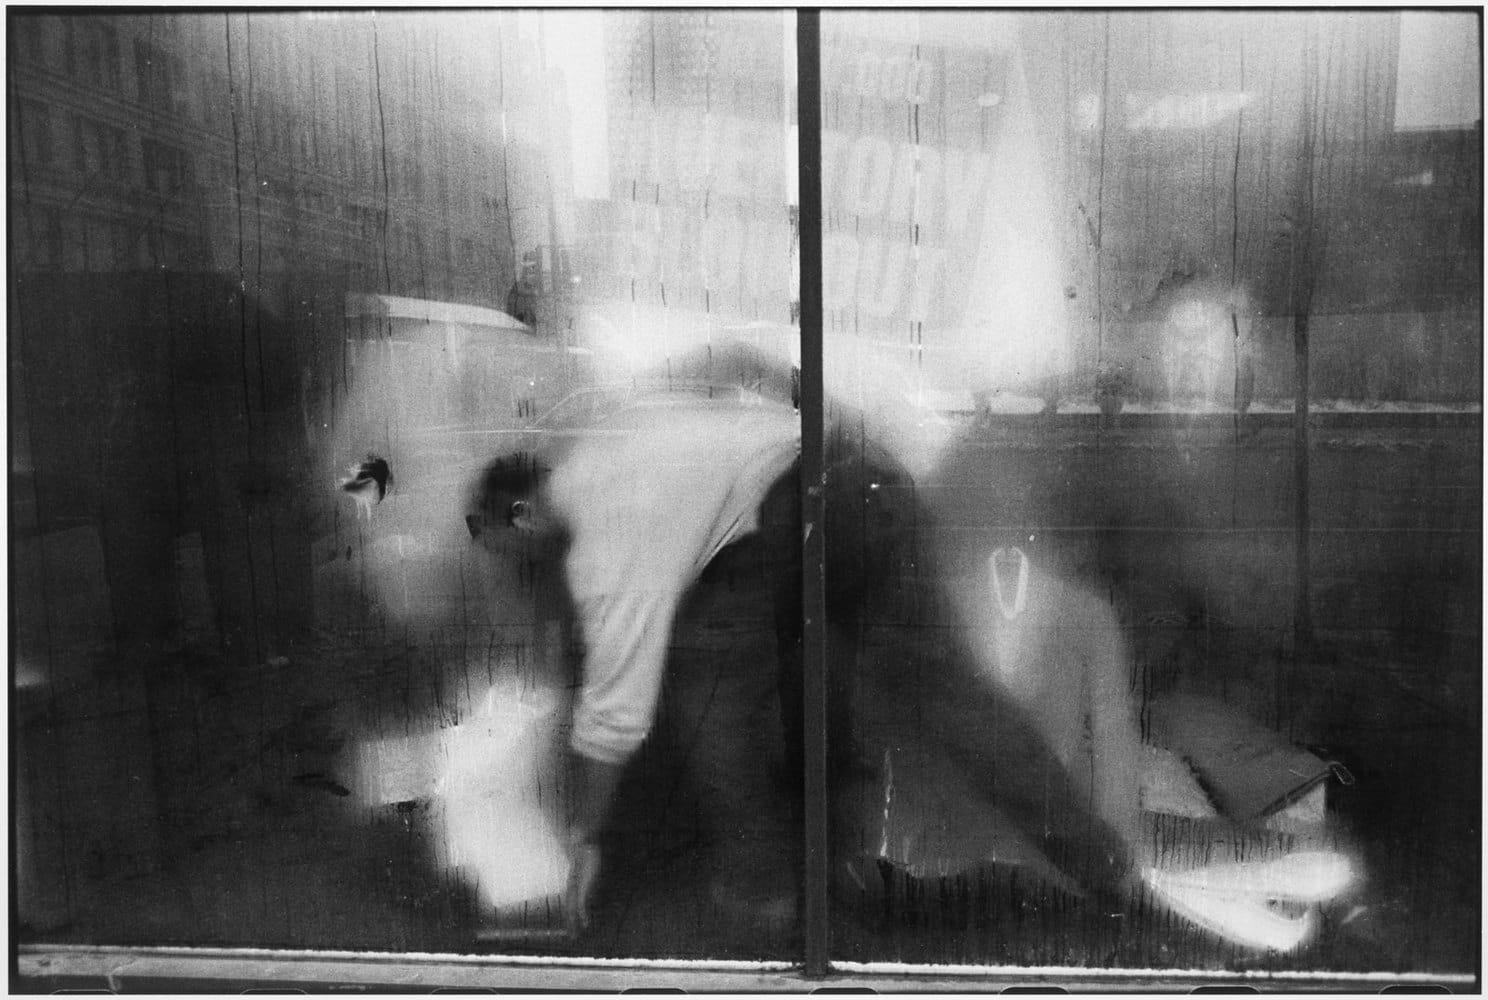 Tom Arndt, Man behind a store window, Chicago, 1990